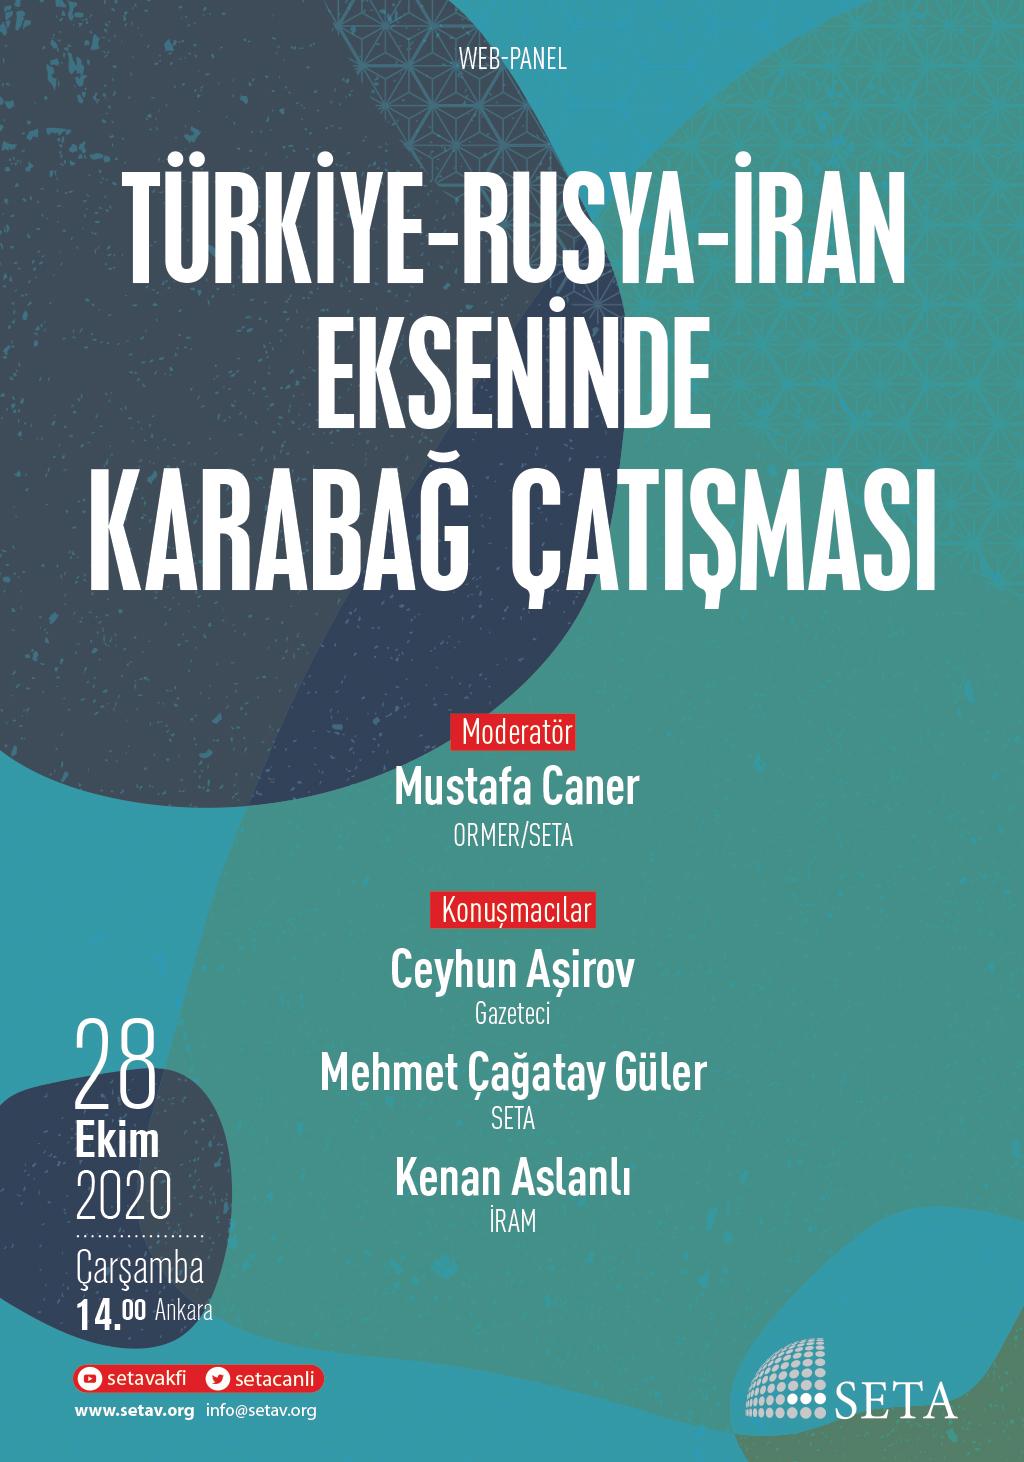 Web Panel: Türkiye-Rusya İran Ekseninde Karabağ Çatışması